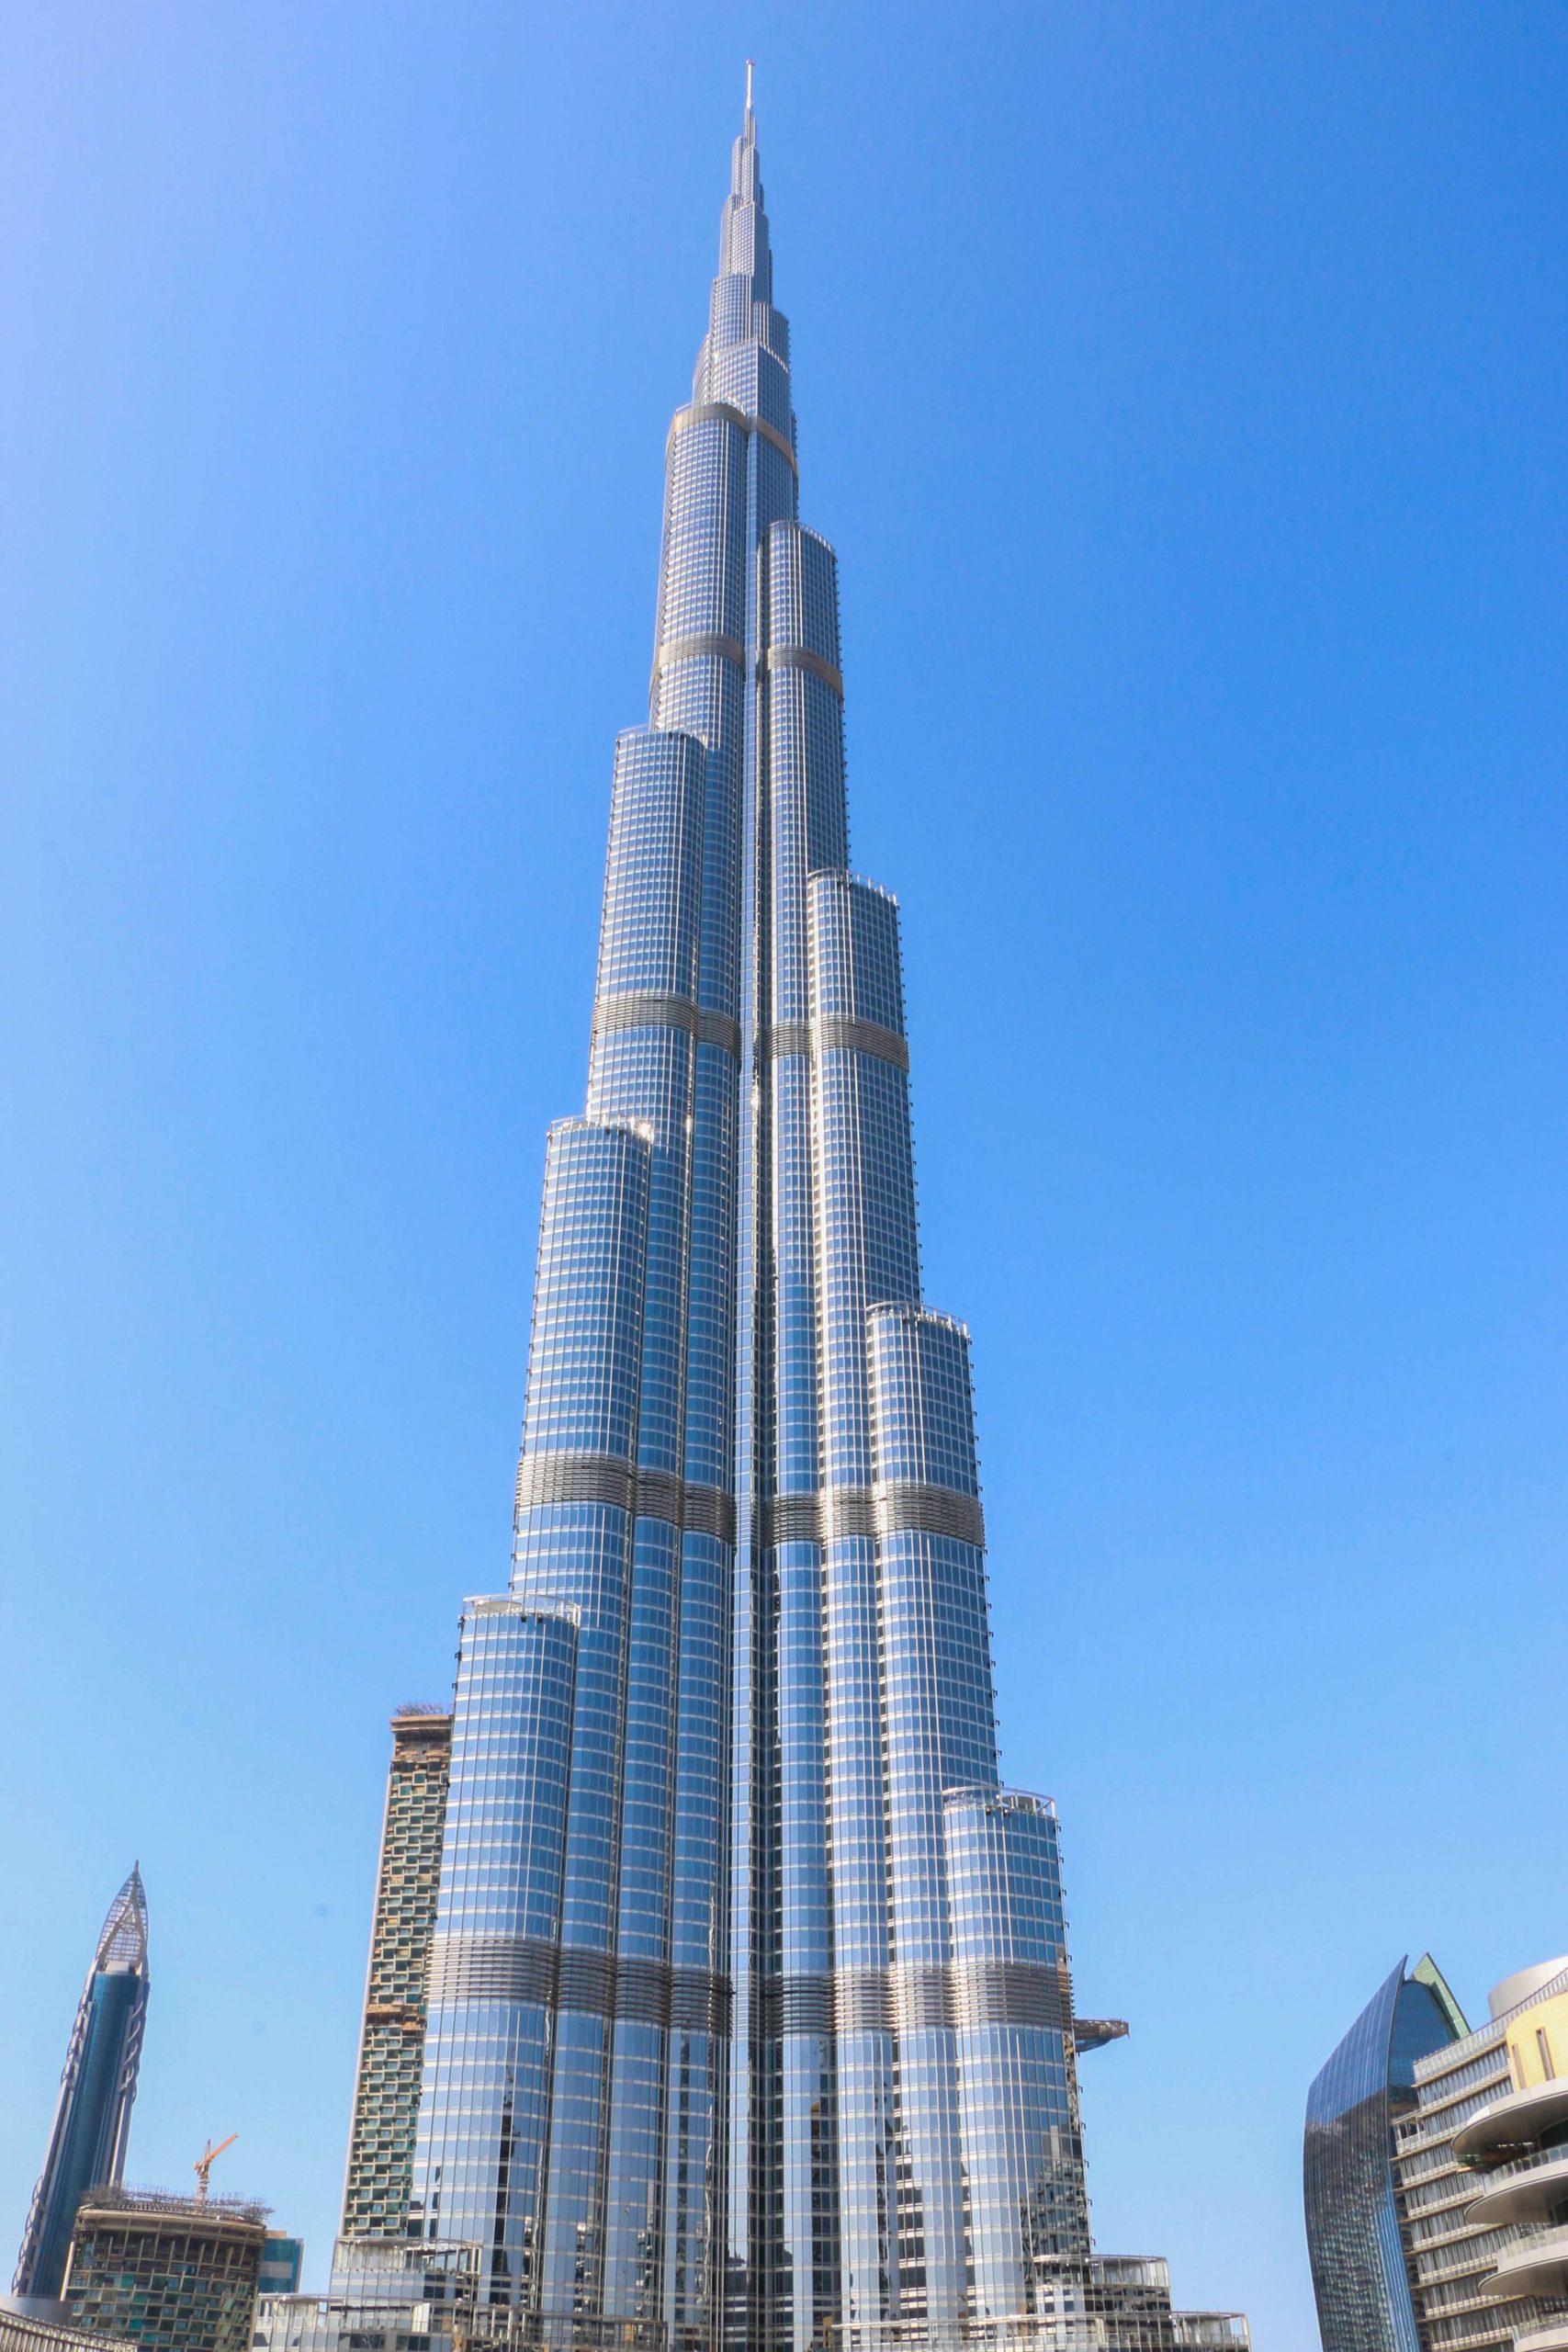 Burj Khalifa Geniuses World Records